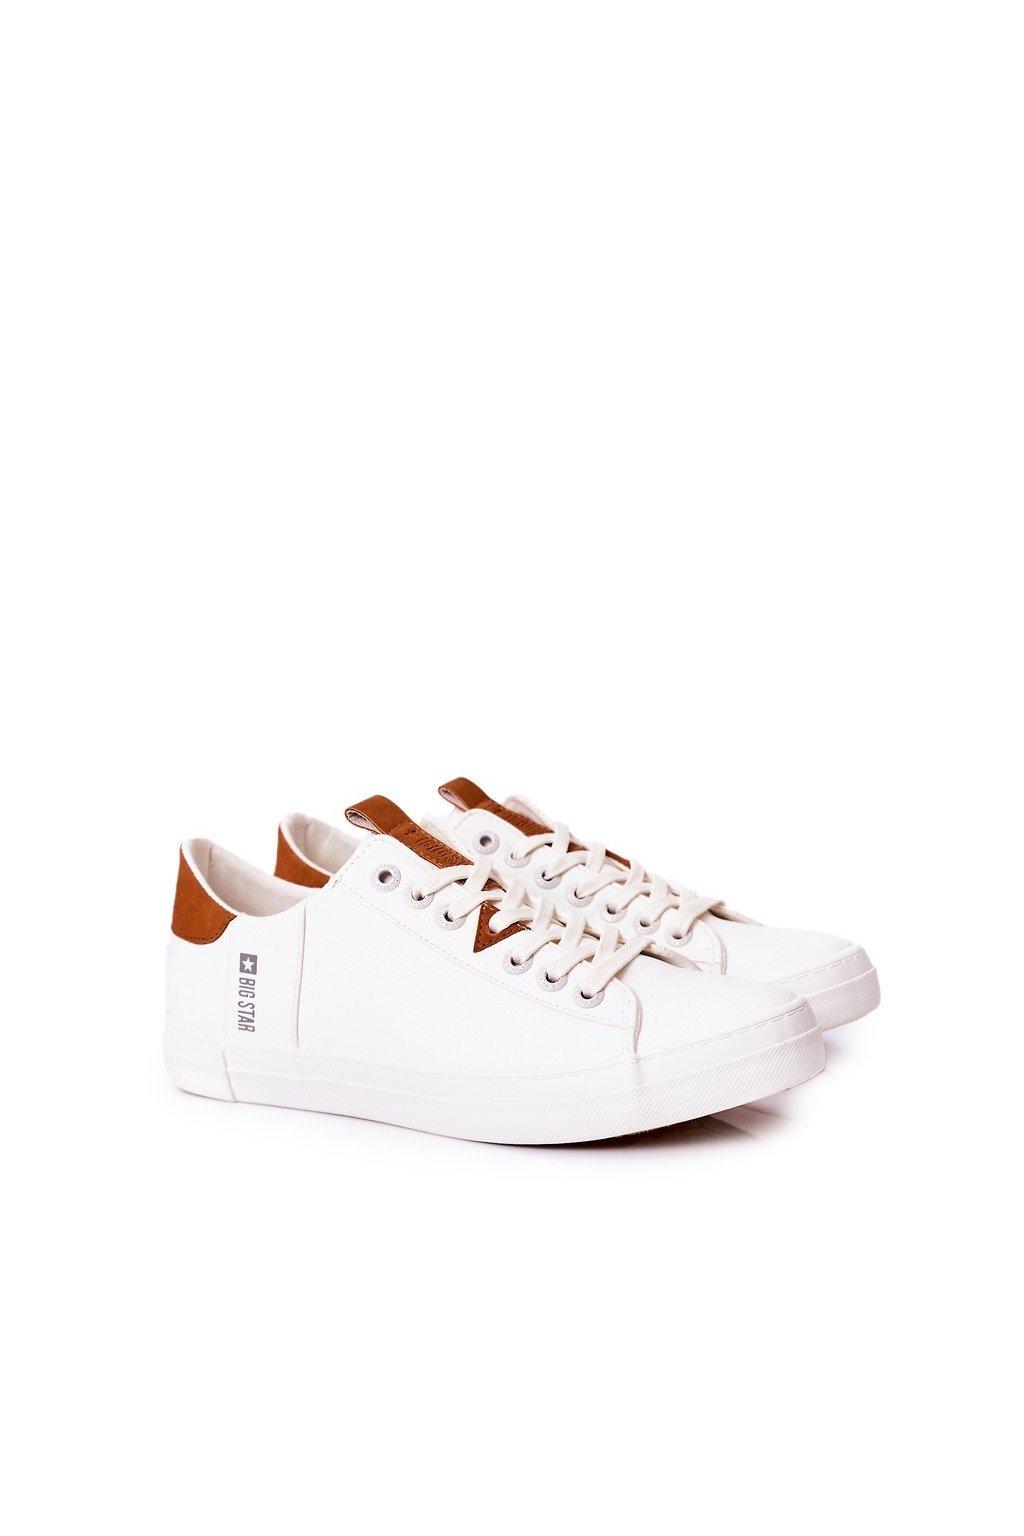 Biela obuv kód topánok GG174025 WHITE